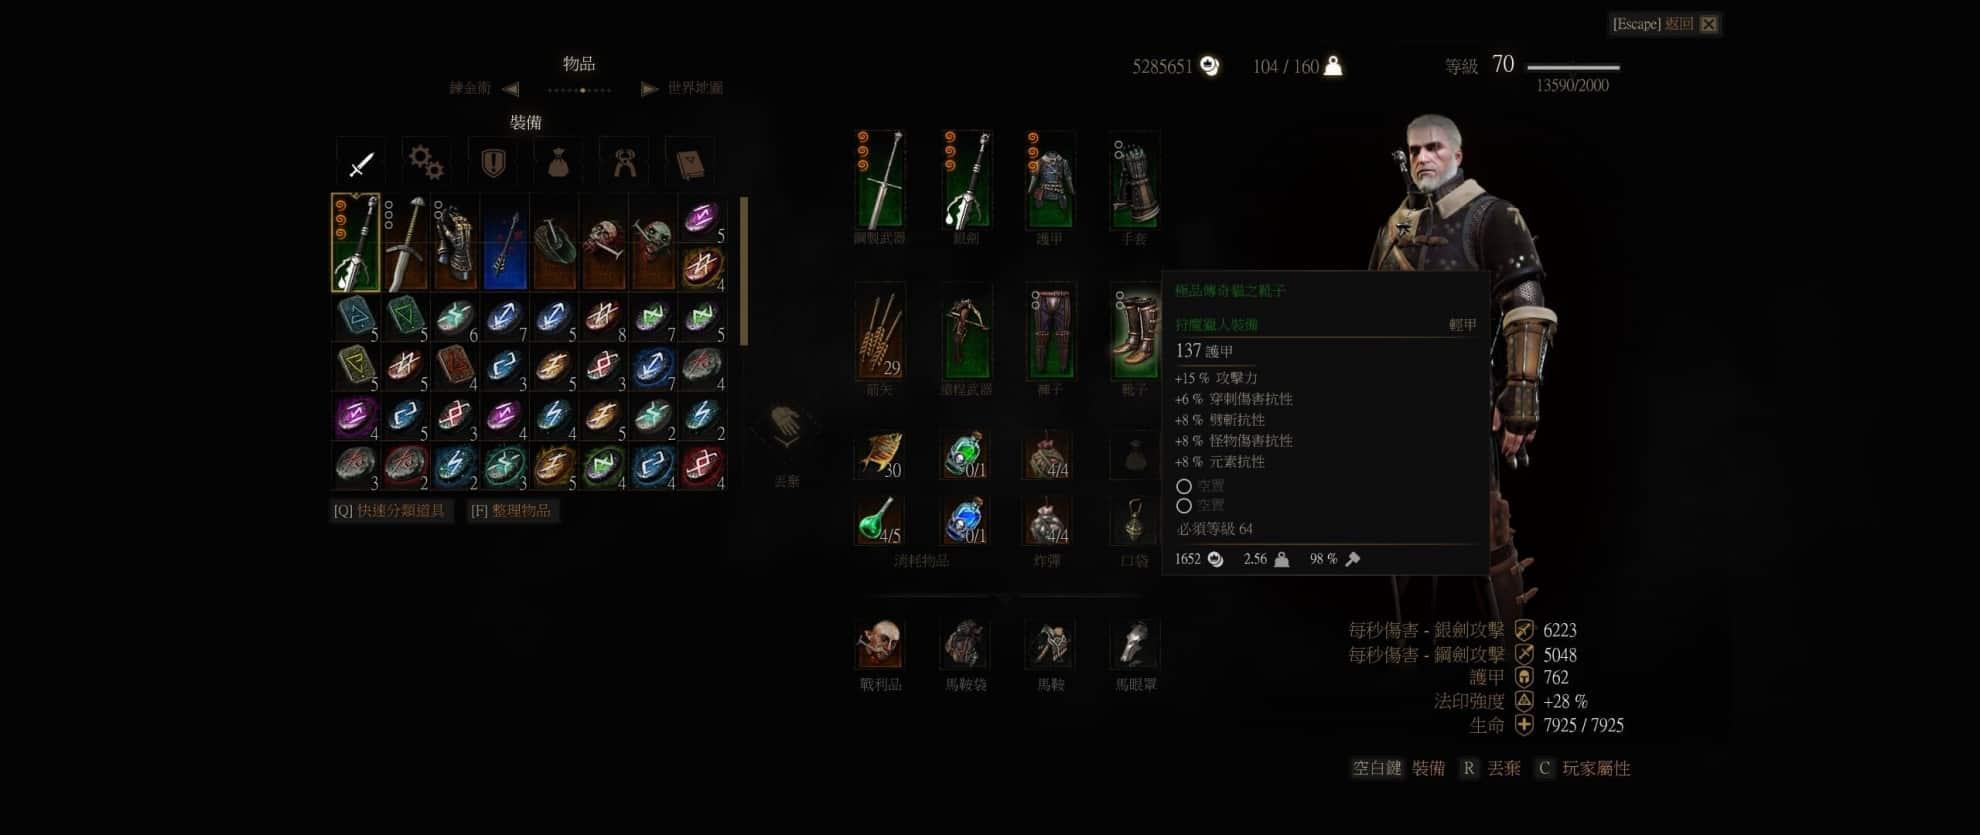 巫師3 最高暴擊新月遺物套裝屬性